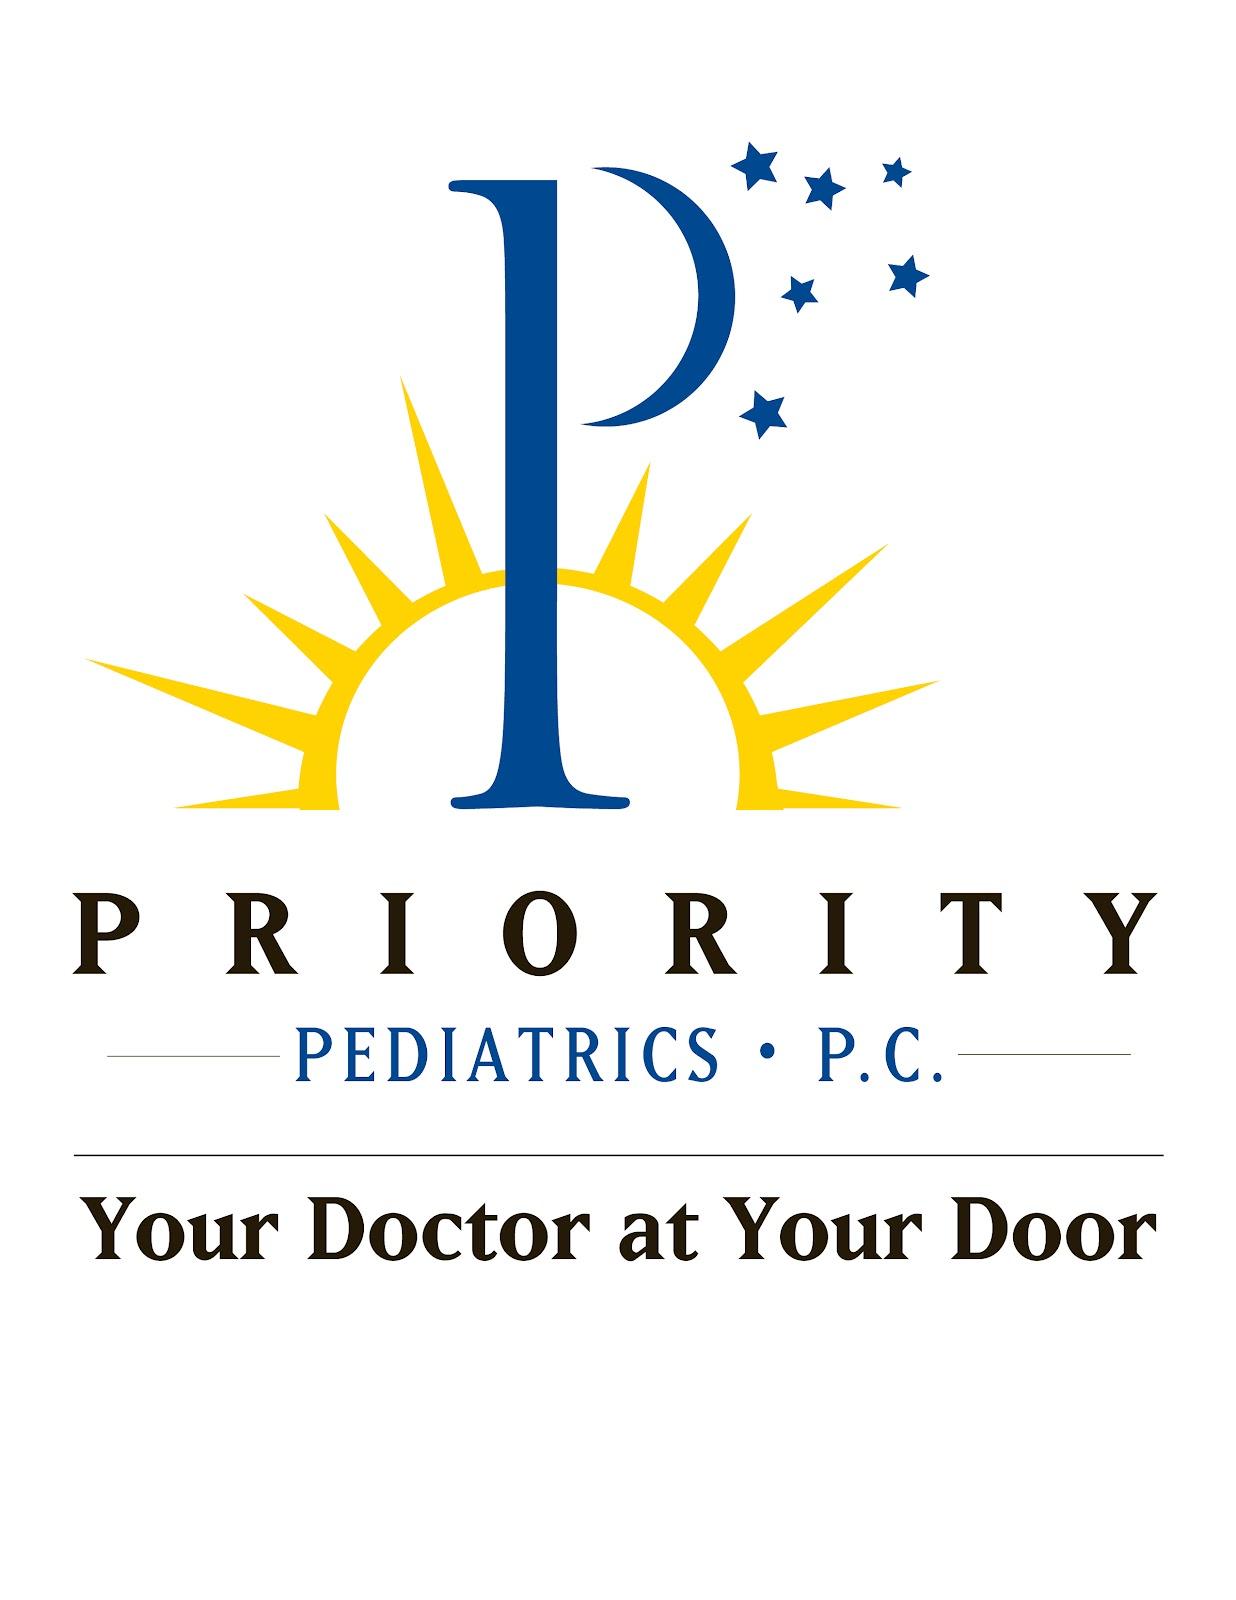 PP_logo_largetag.jpg